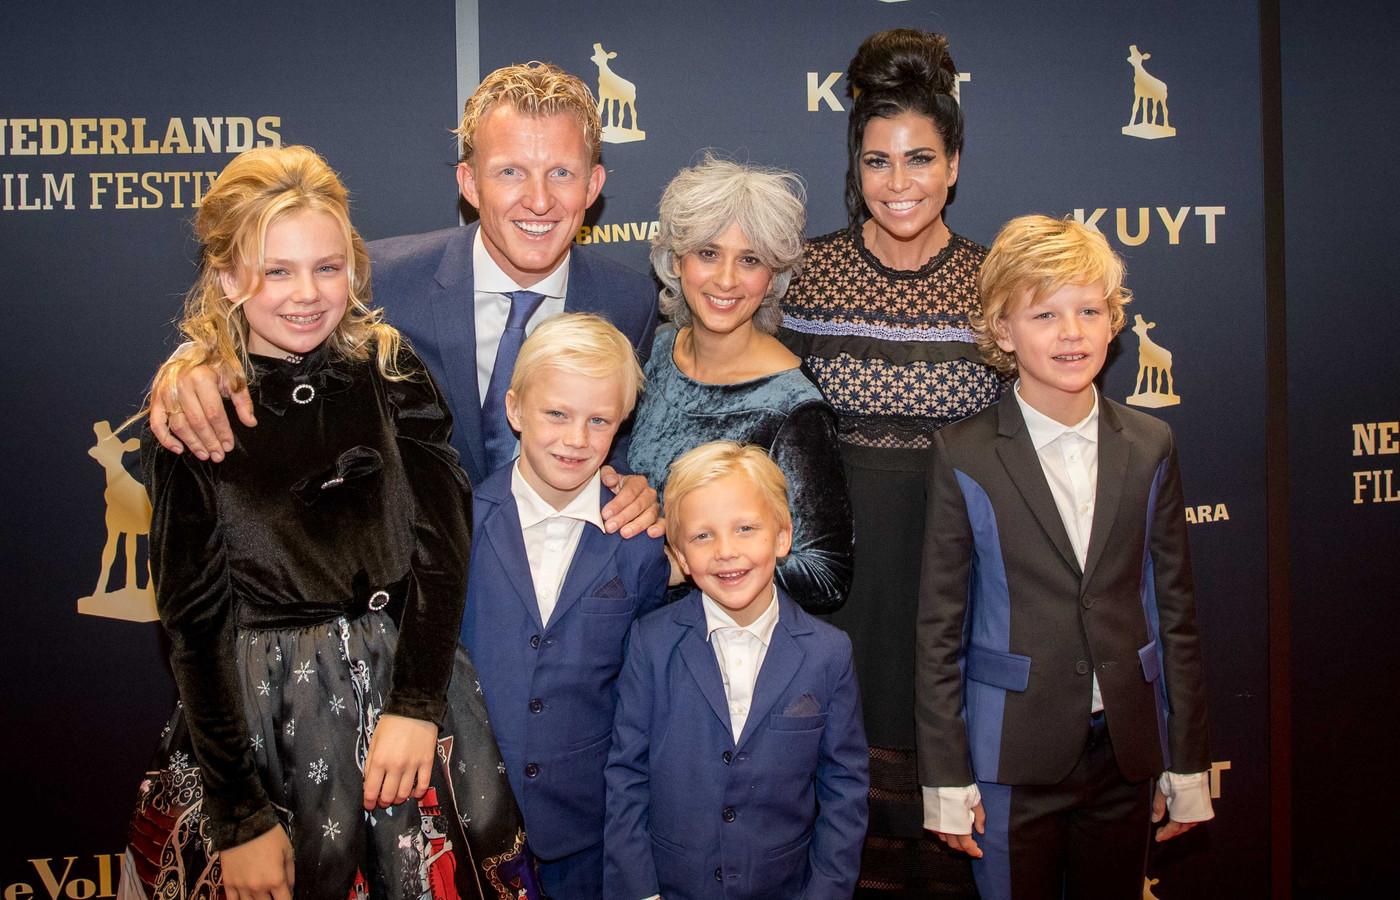 De familie Kuijt op de loper bij de Utrechtse Stadsschouwburg voor aanvang van de premiere van Kuyt.